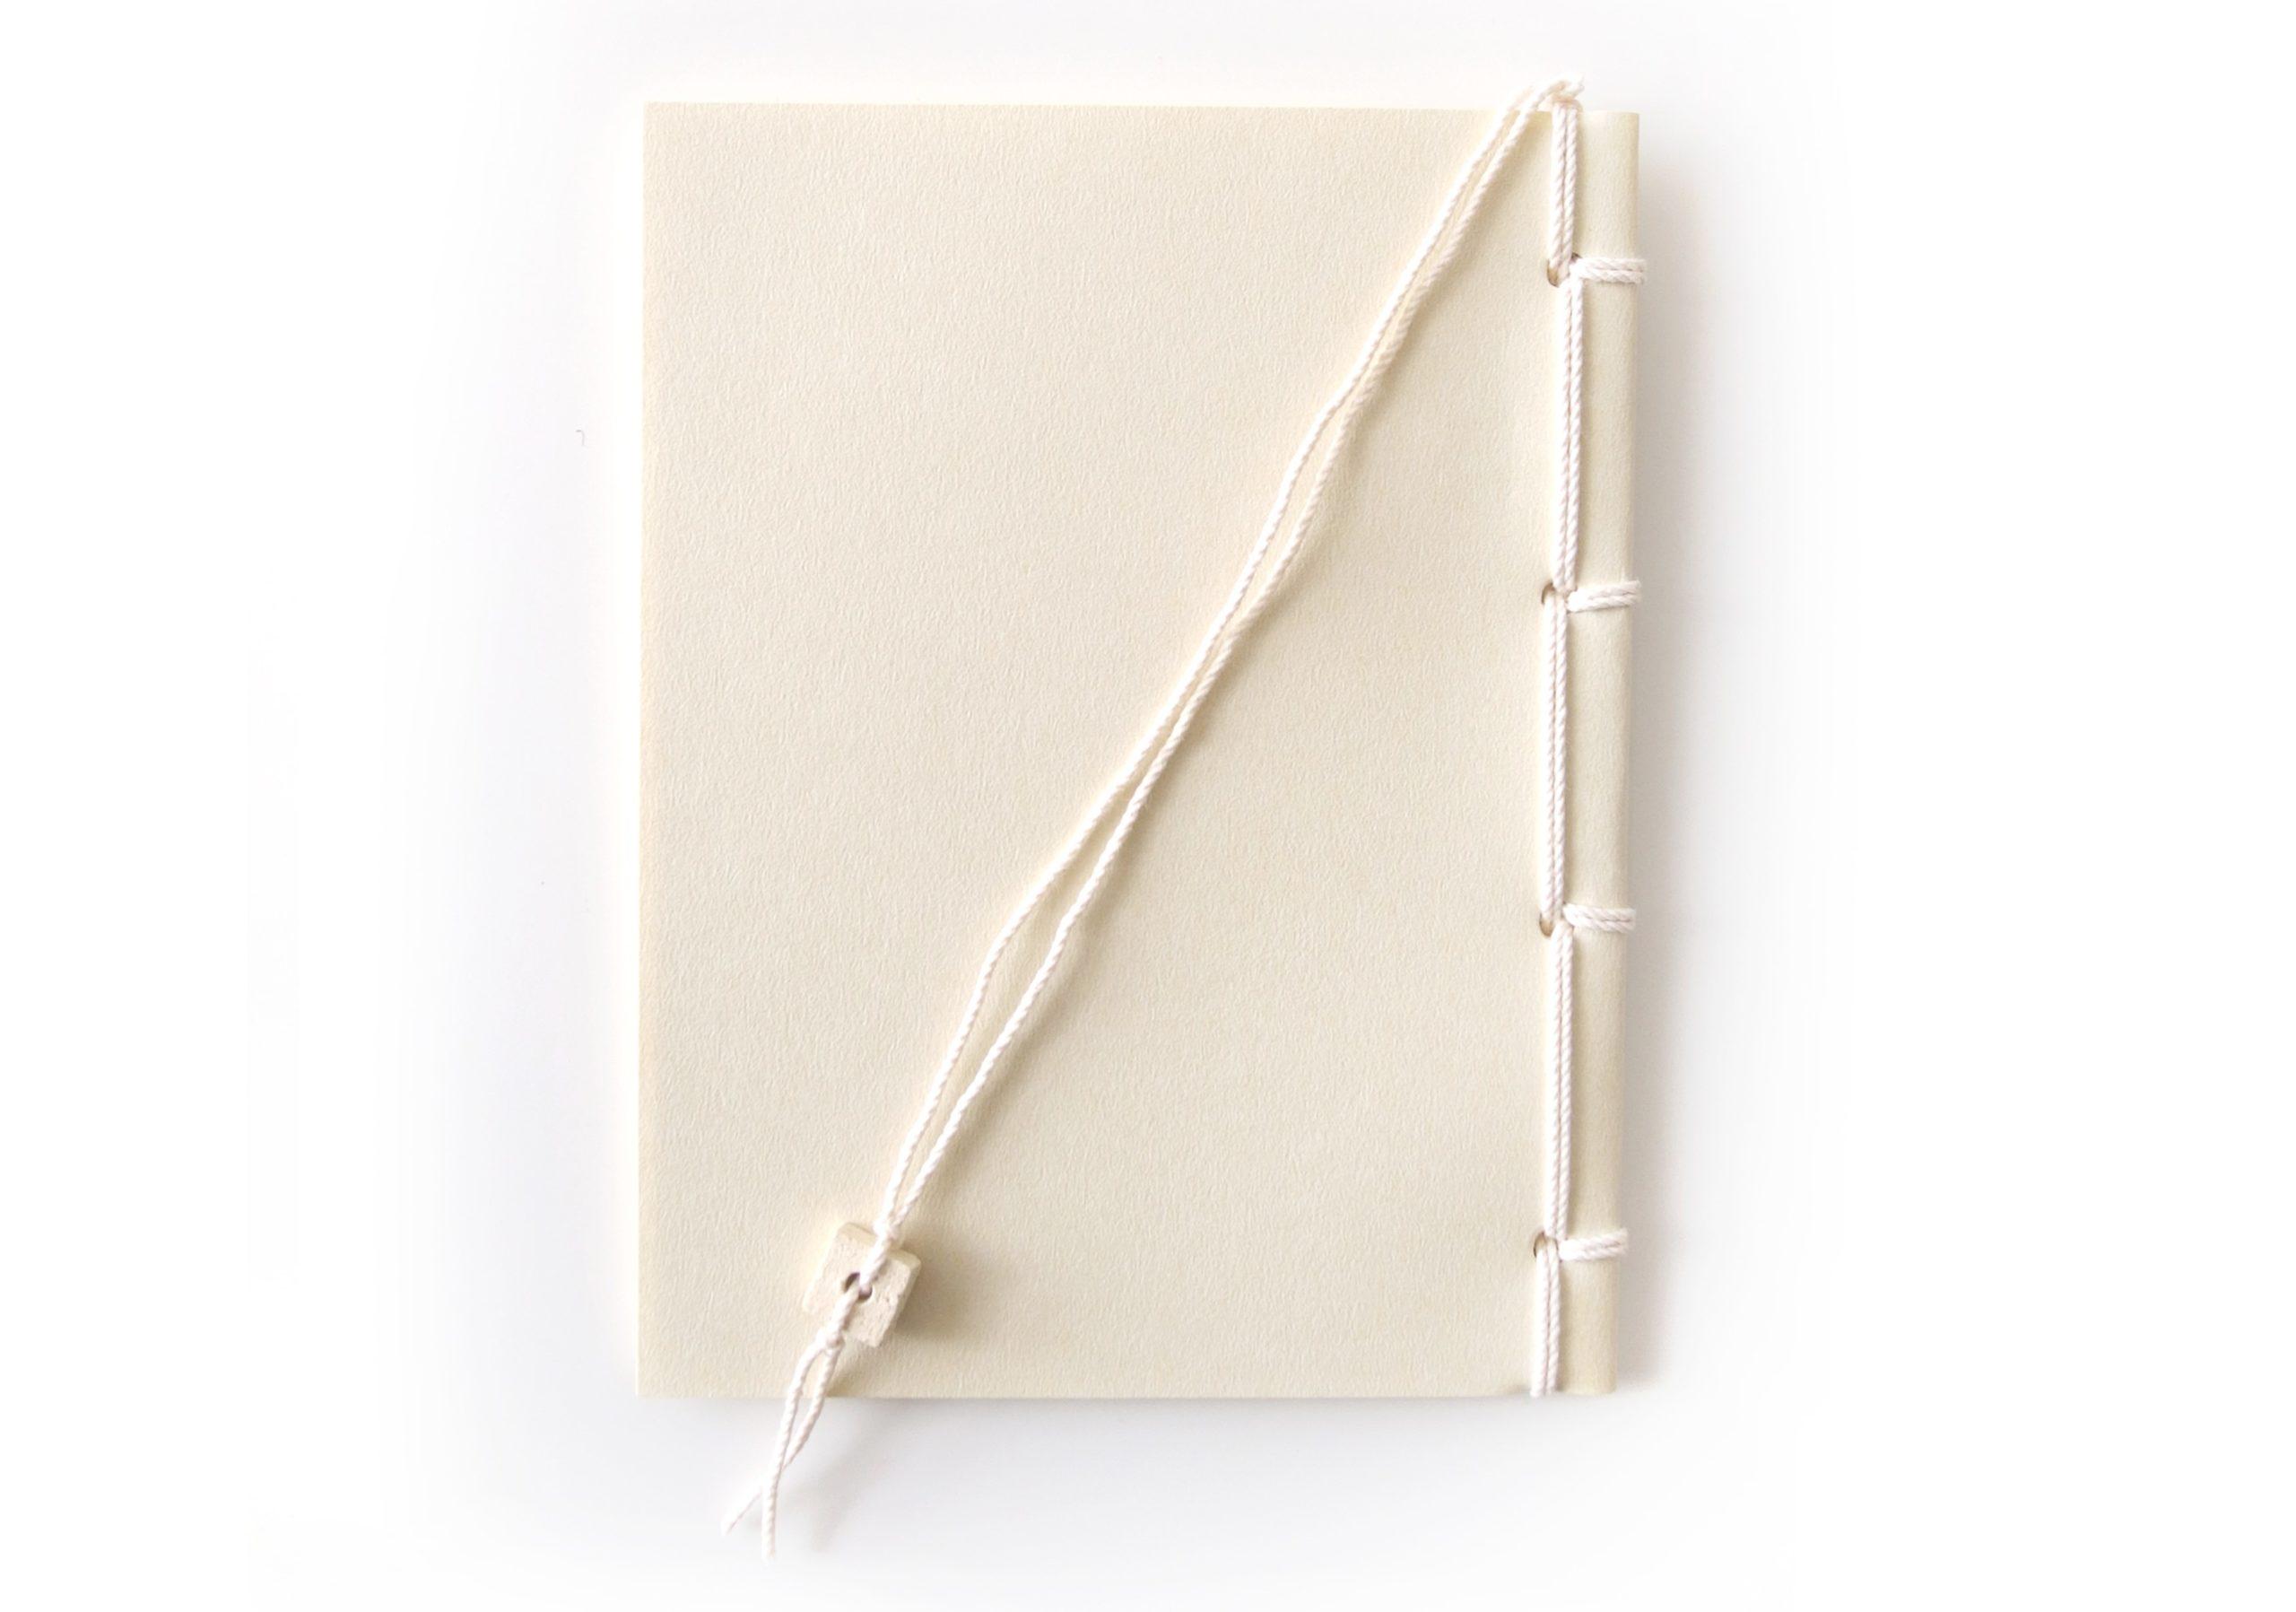 KAKURAのノートSサイズ